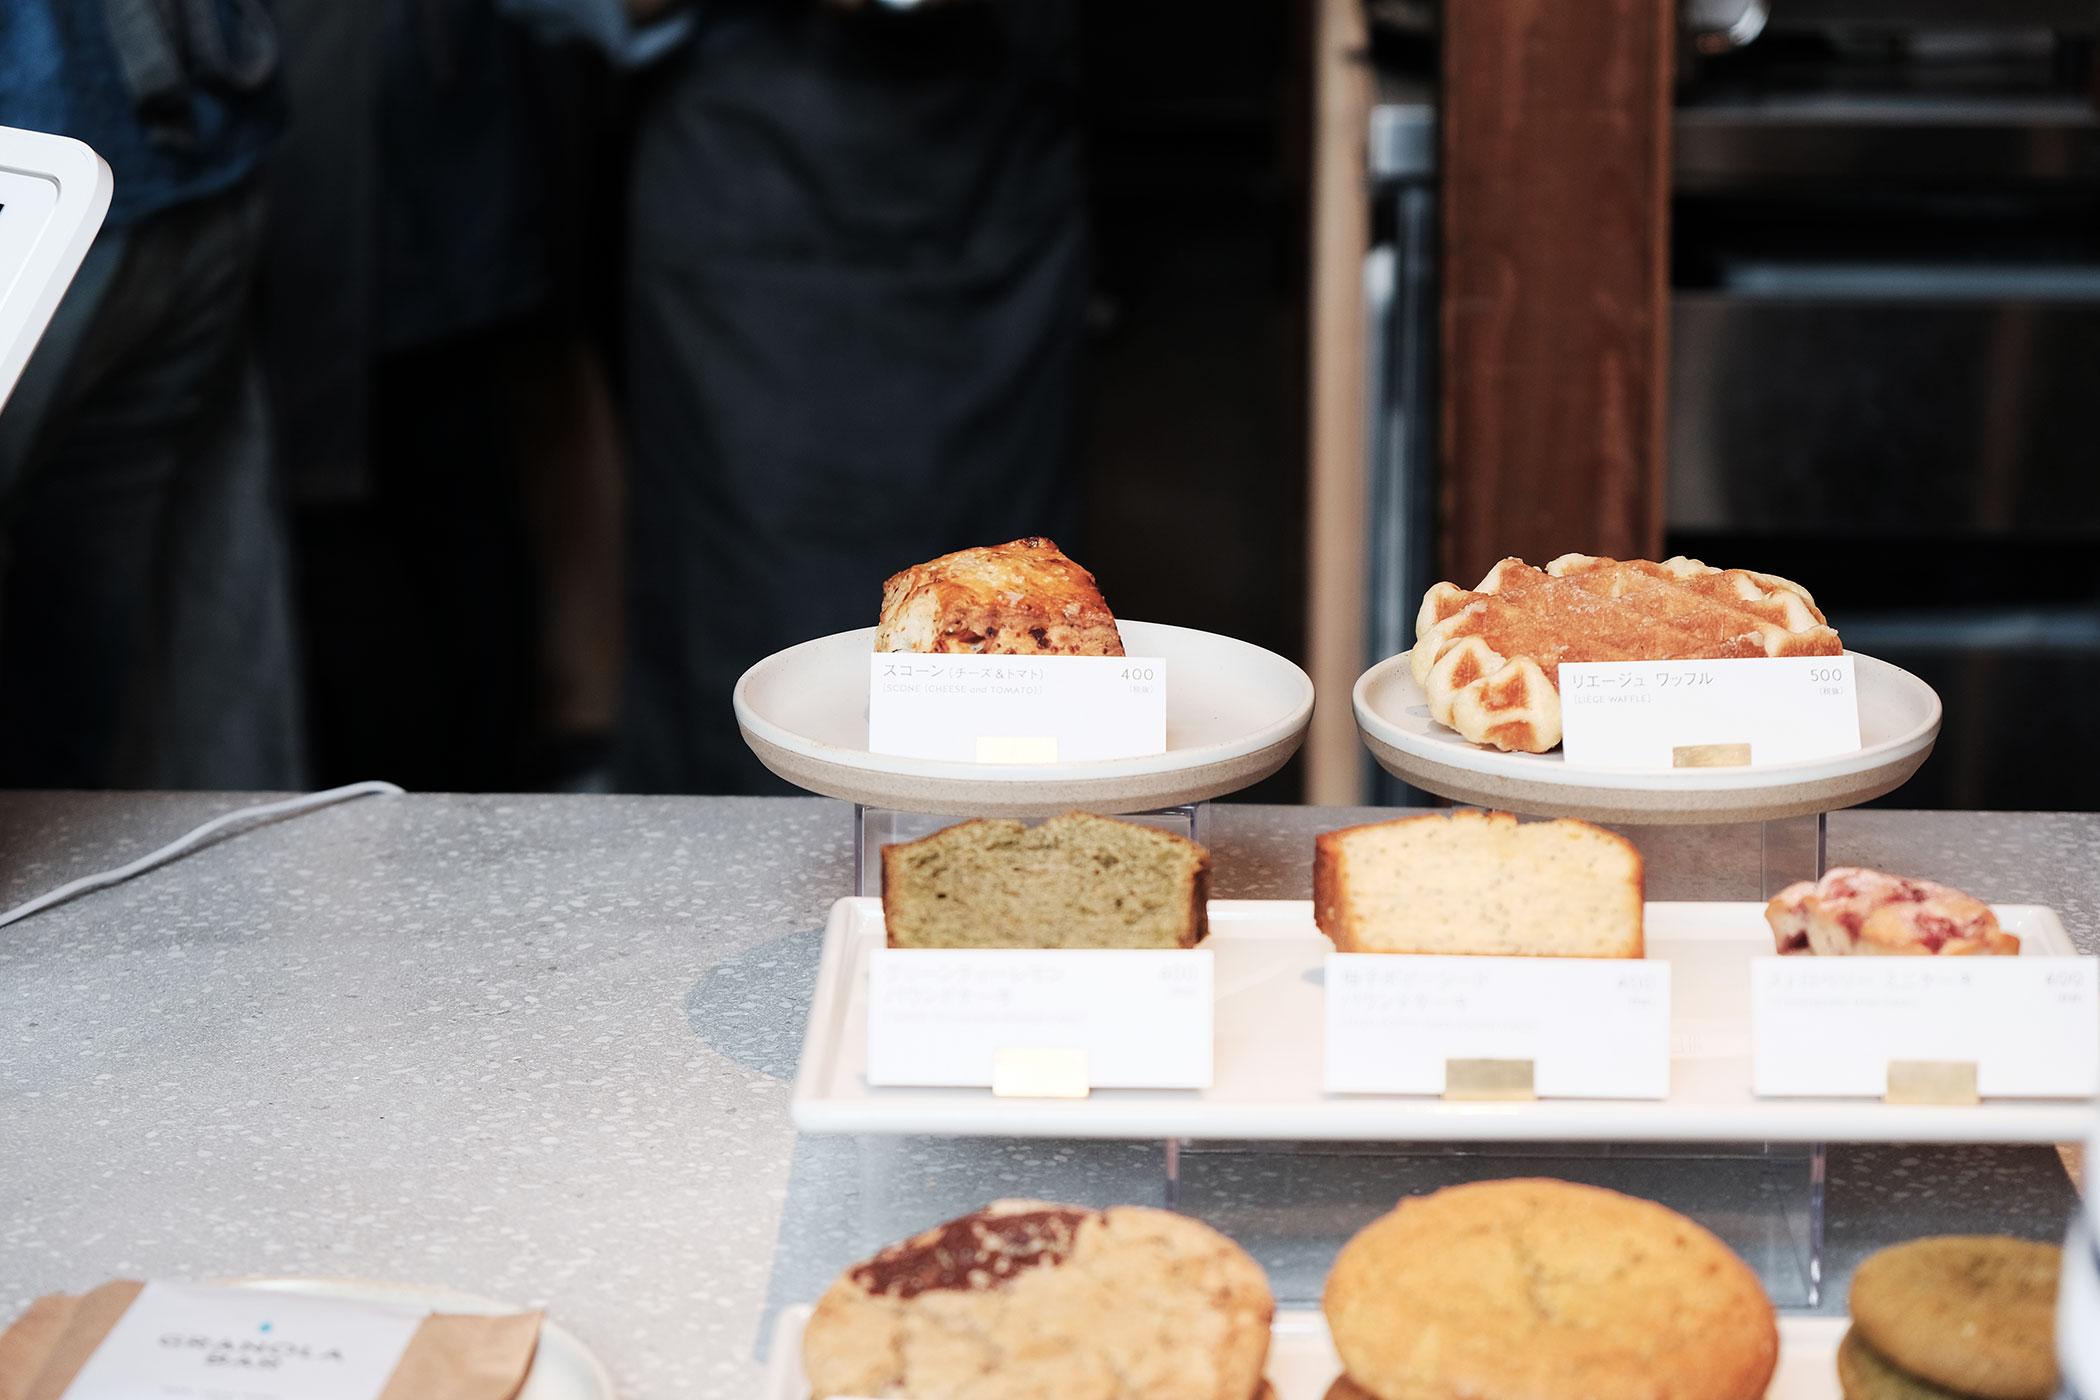 待望の初出店!ブルーボトルコーヒーの関西第一号は京都の南禅寺に ブルーボトルコーヒー京都カフェ ブルーボトルコーヒー 京都カフェ (BLUE BOTTLE COFFEE KYOTO) 焼き菓子1